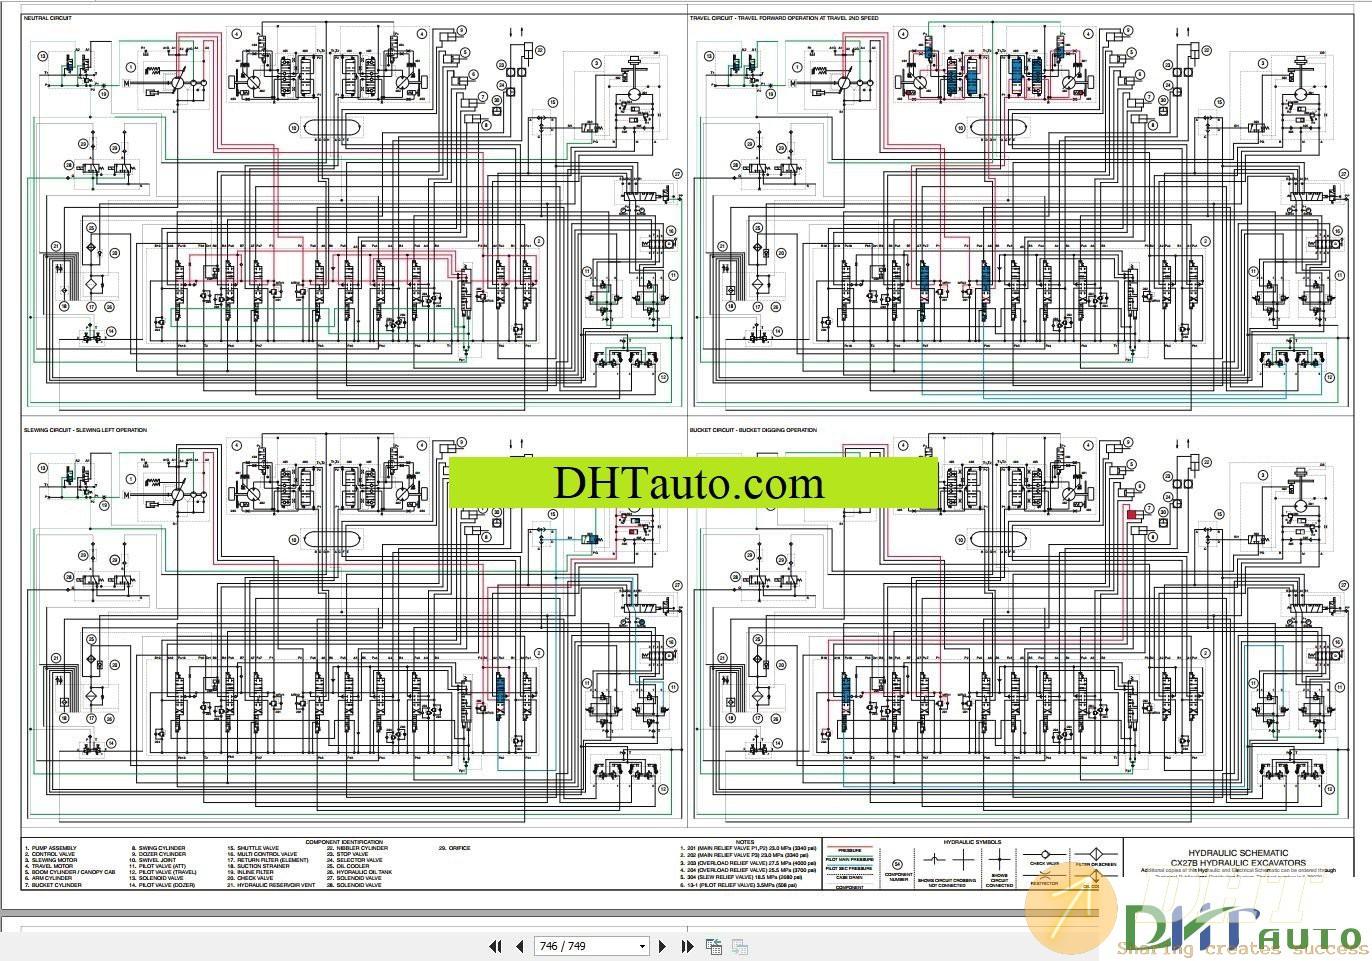 Case Mini Excavator Service & Parts Manual 6.jpg